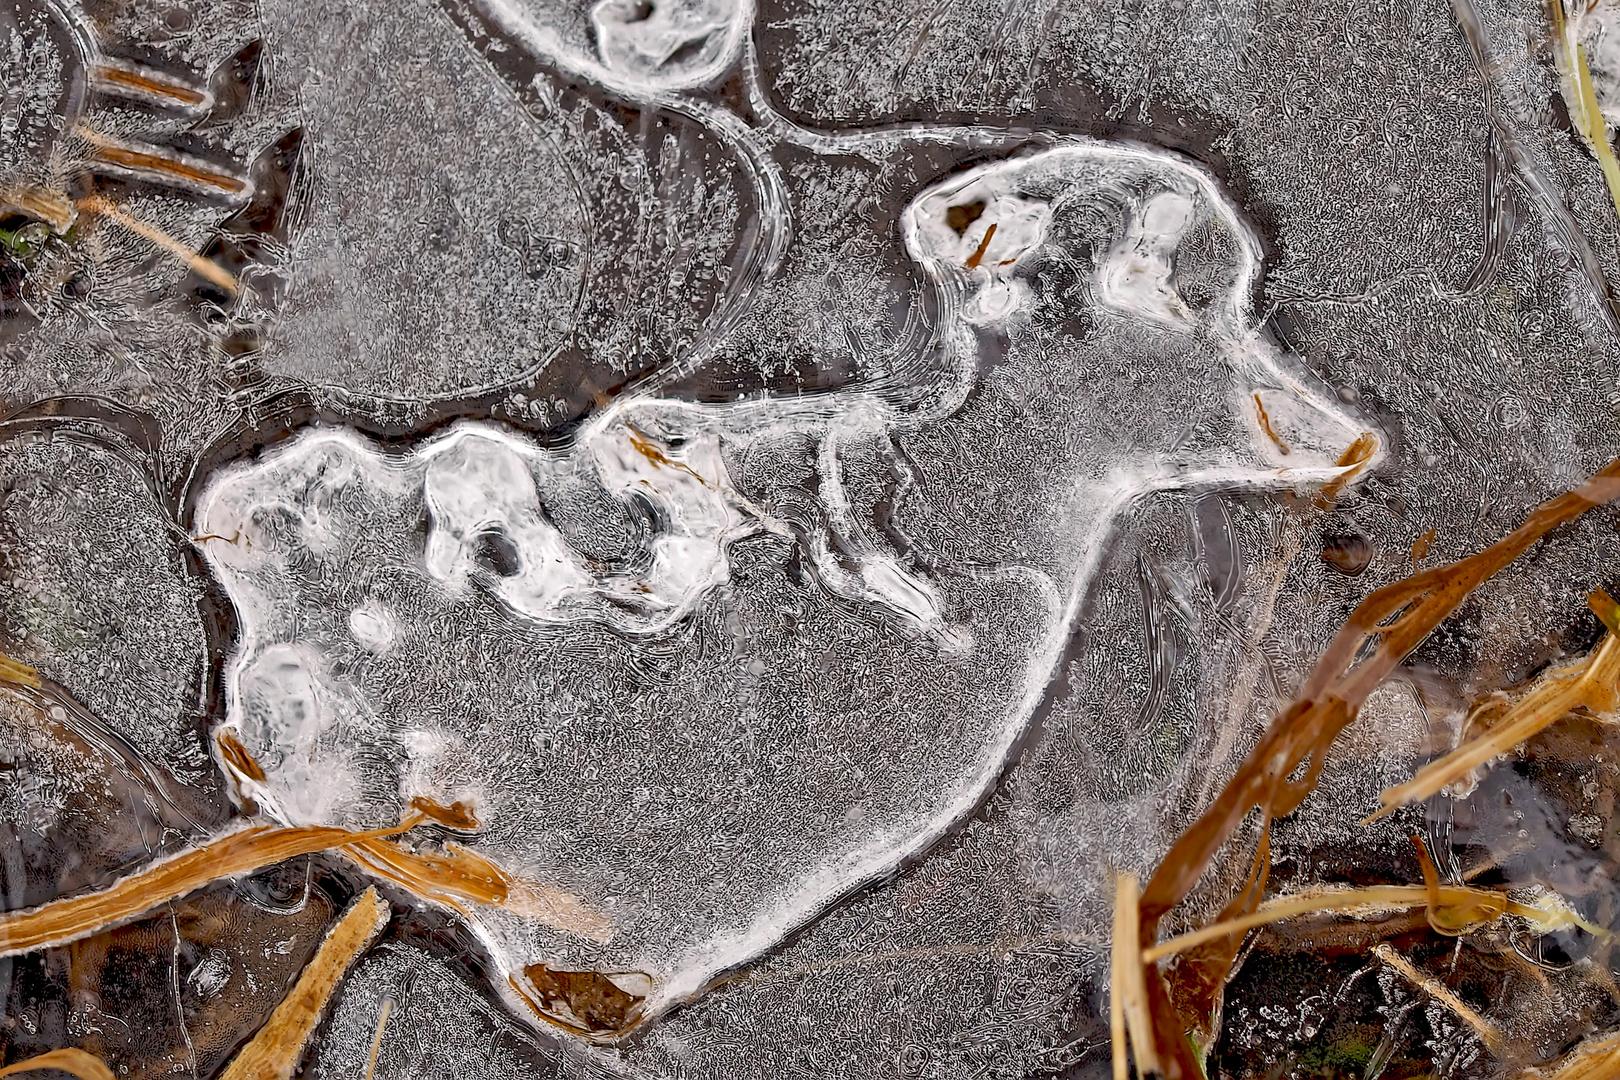 Der kleine Eishund! - Le petit chien fait de glace...